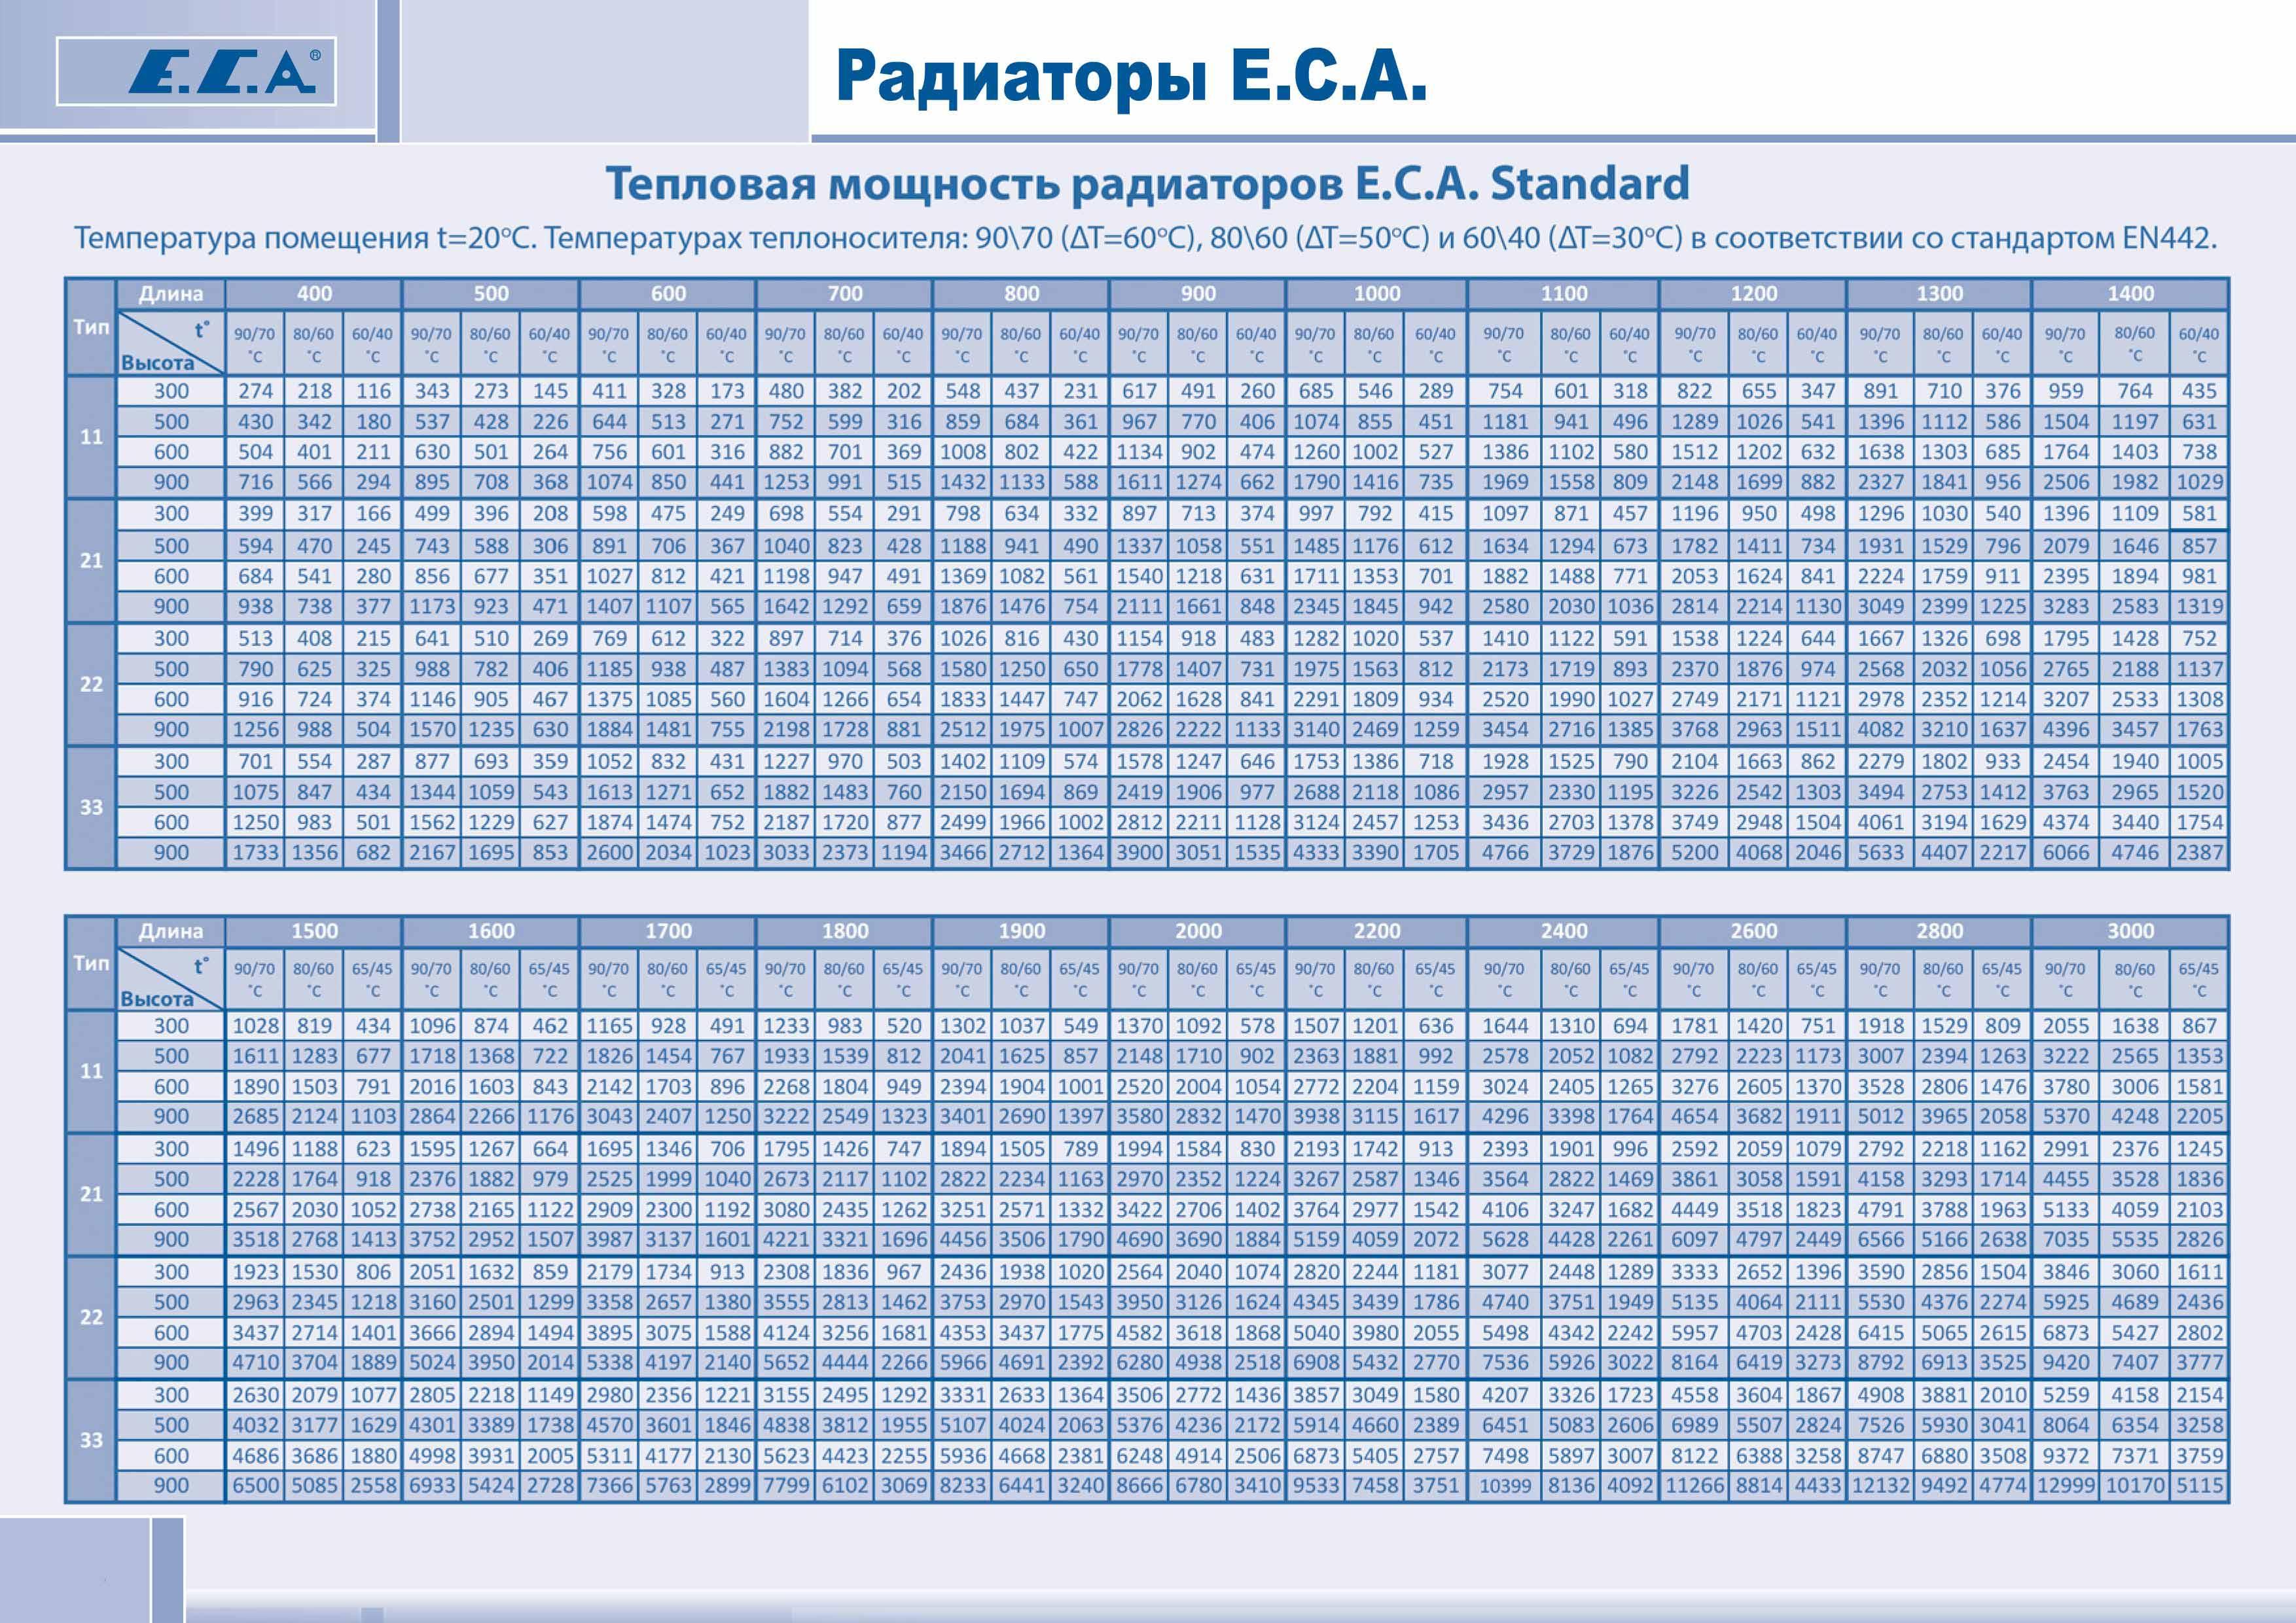 Parametry radiatorov ECA